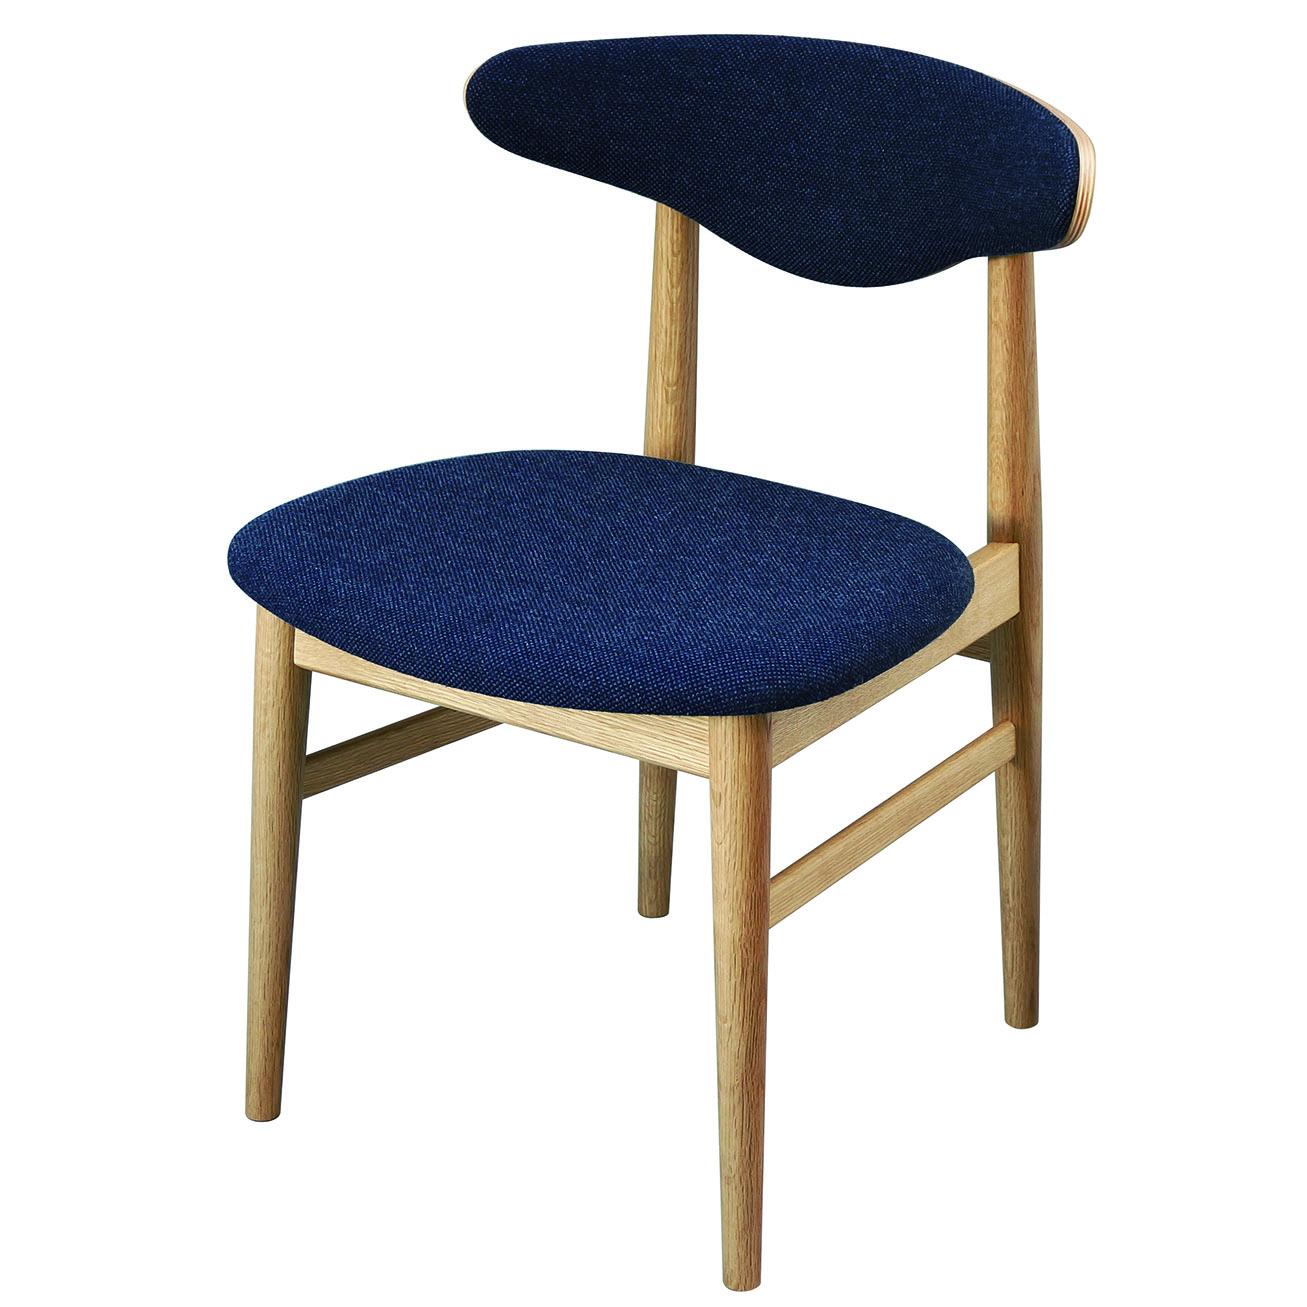 腰の椅子 Awaza MA01  アームレスチェア オーク:ナラ 座面布張  いのうえアソシエーツ